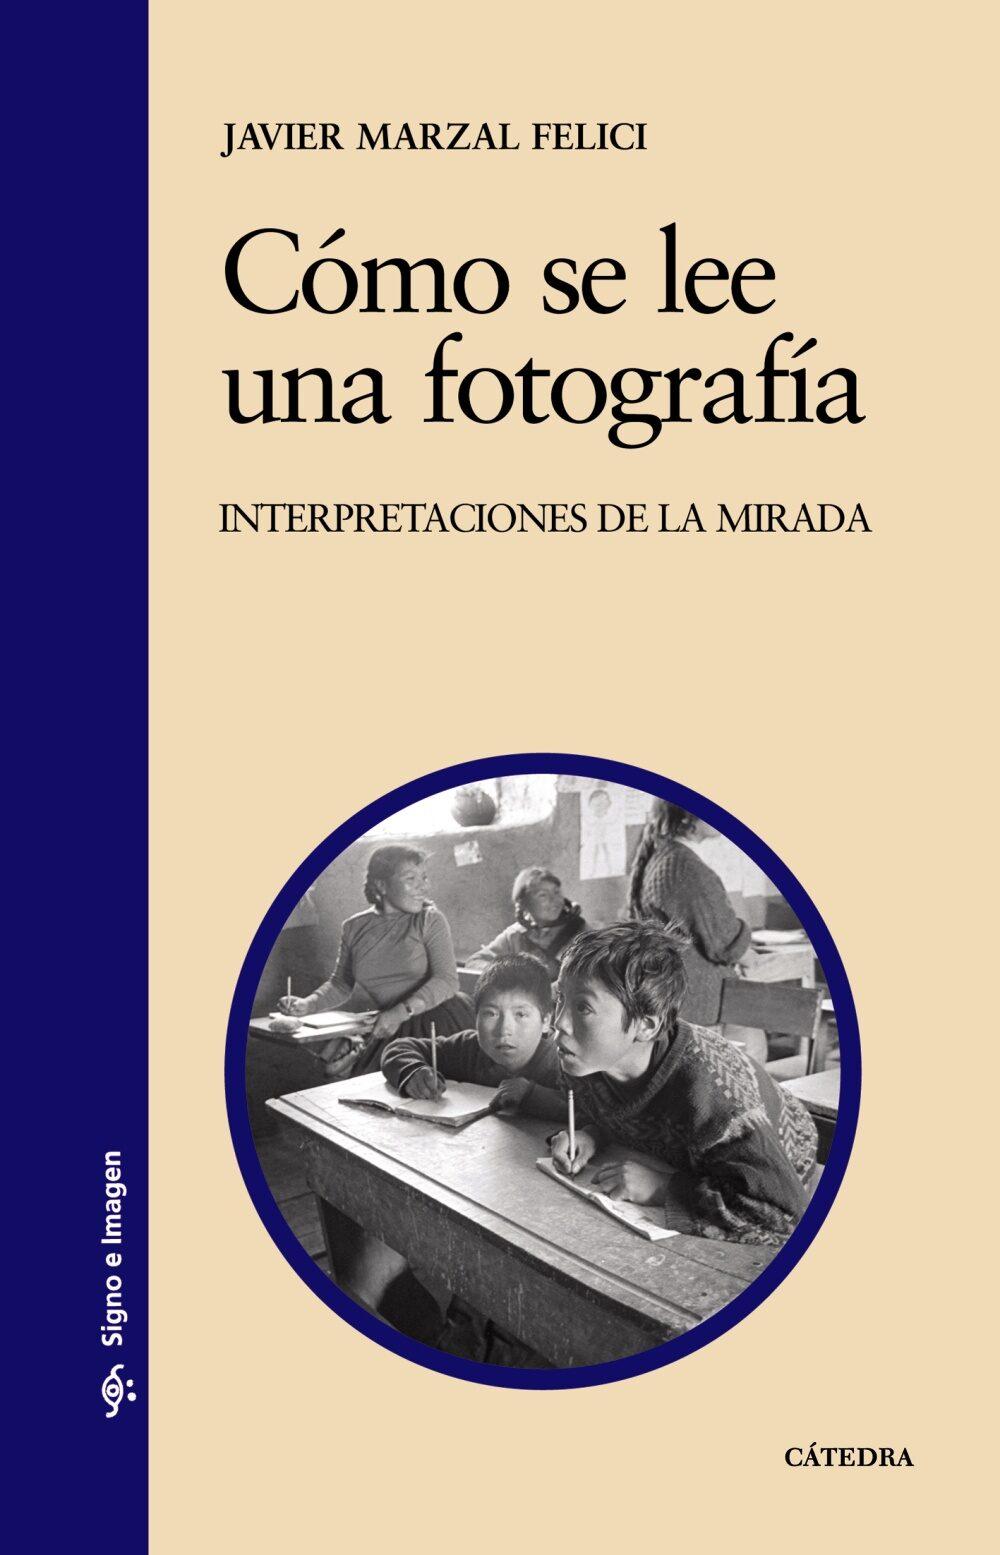 Como Se Lee Una Fotografia: Interpretaciones De La Mirada por Javier Marzal Fellici